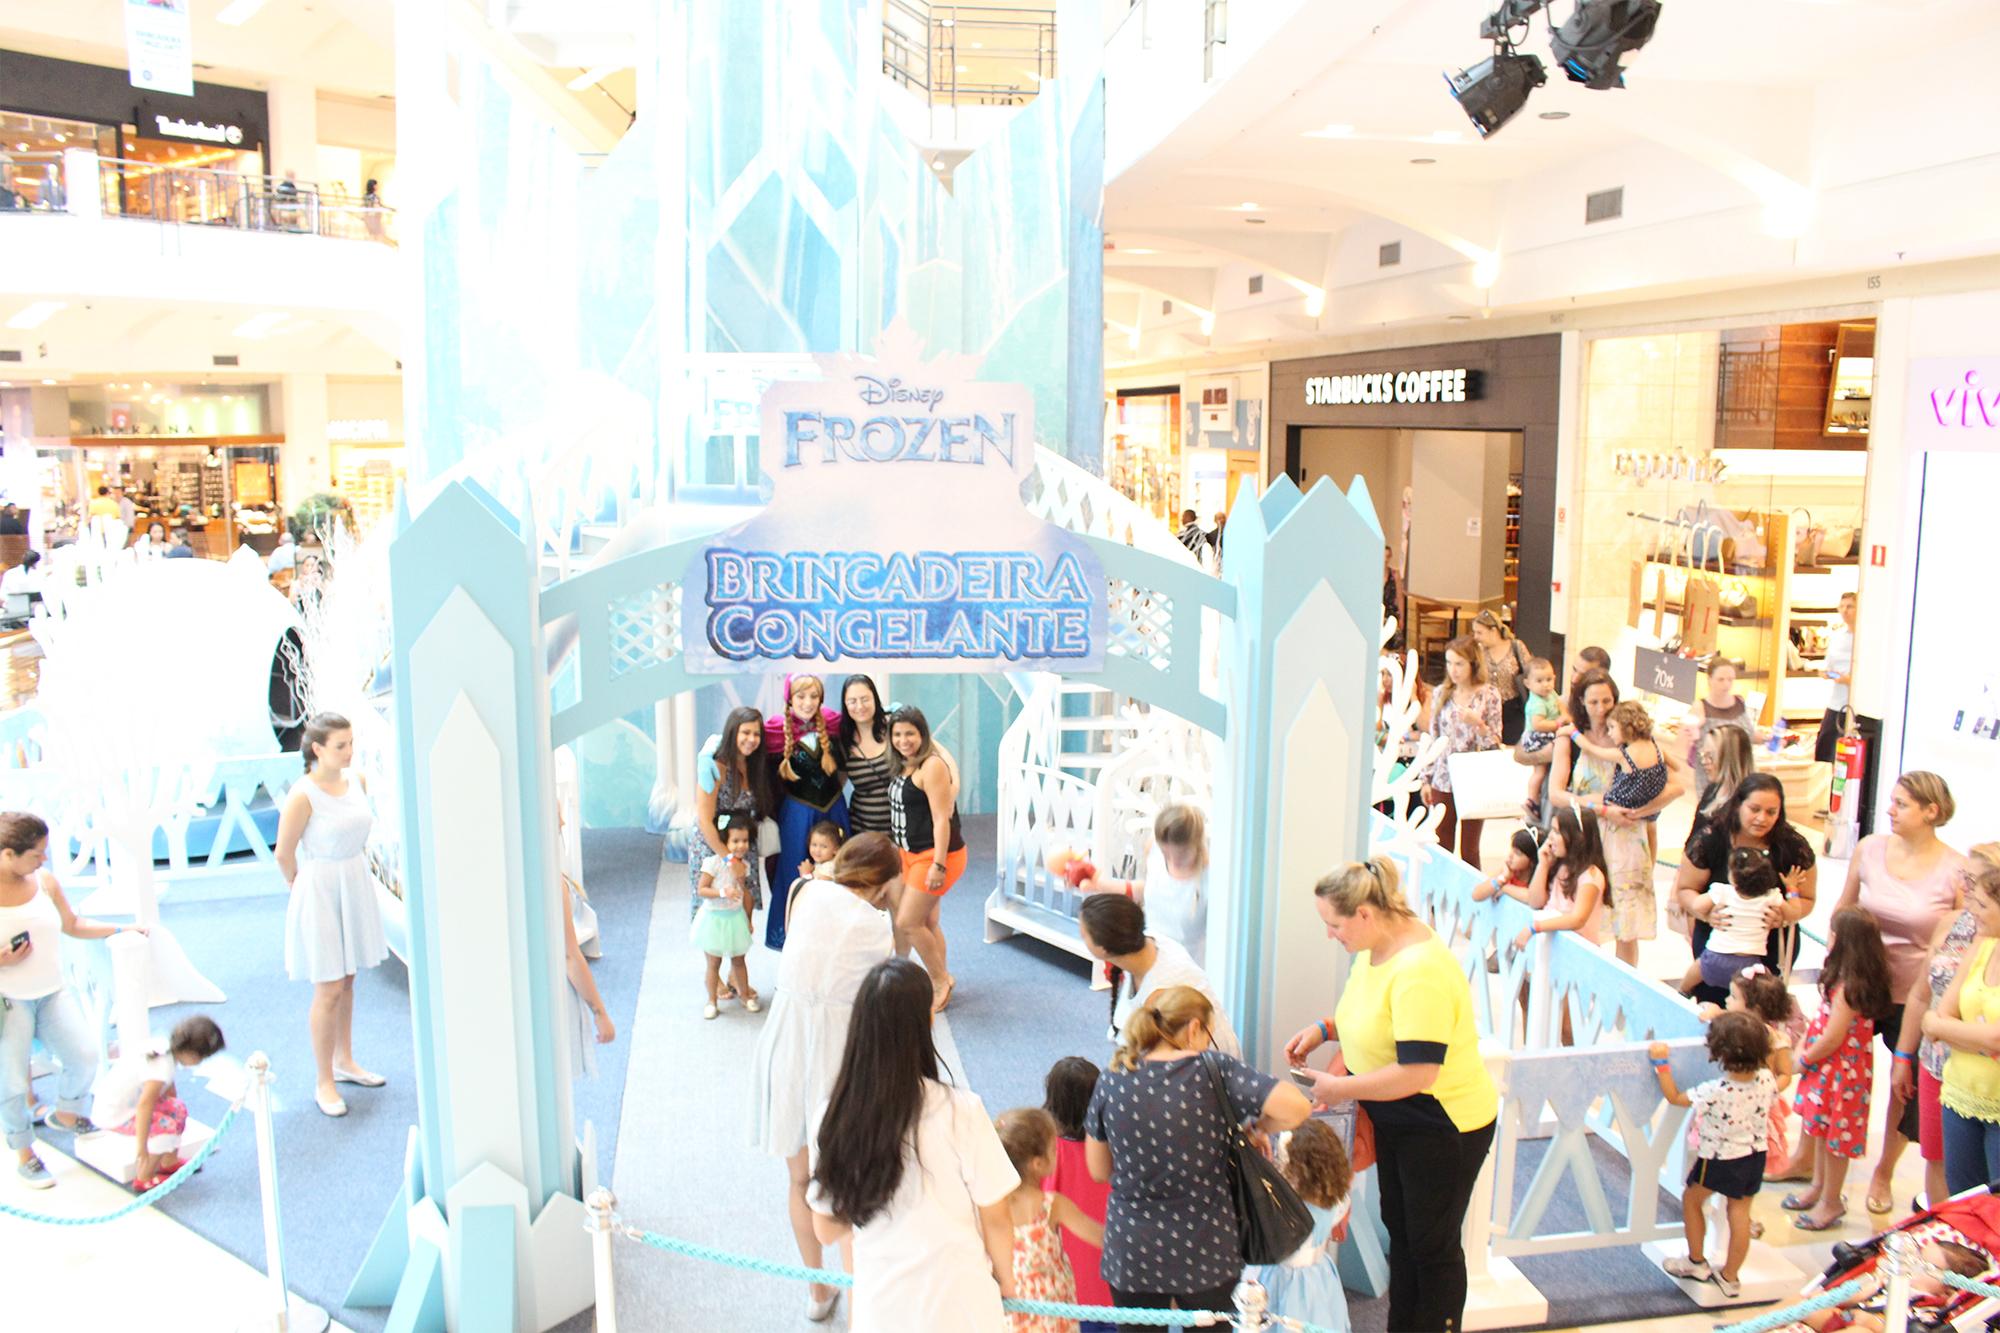 Shopping VillaLobos traz brincadeira congelante de Frozen para toda família